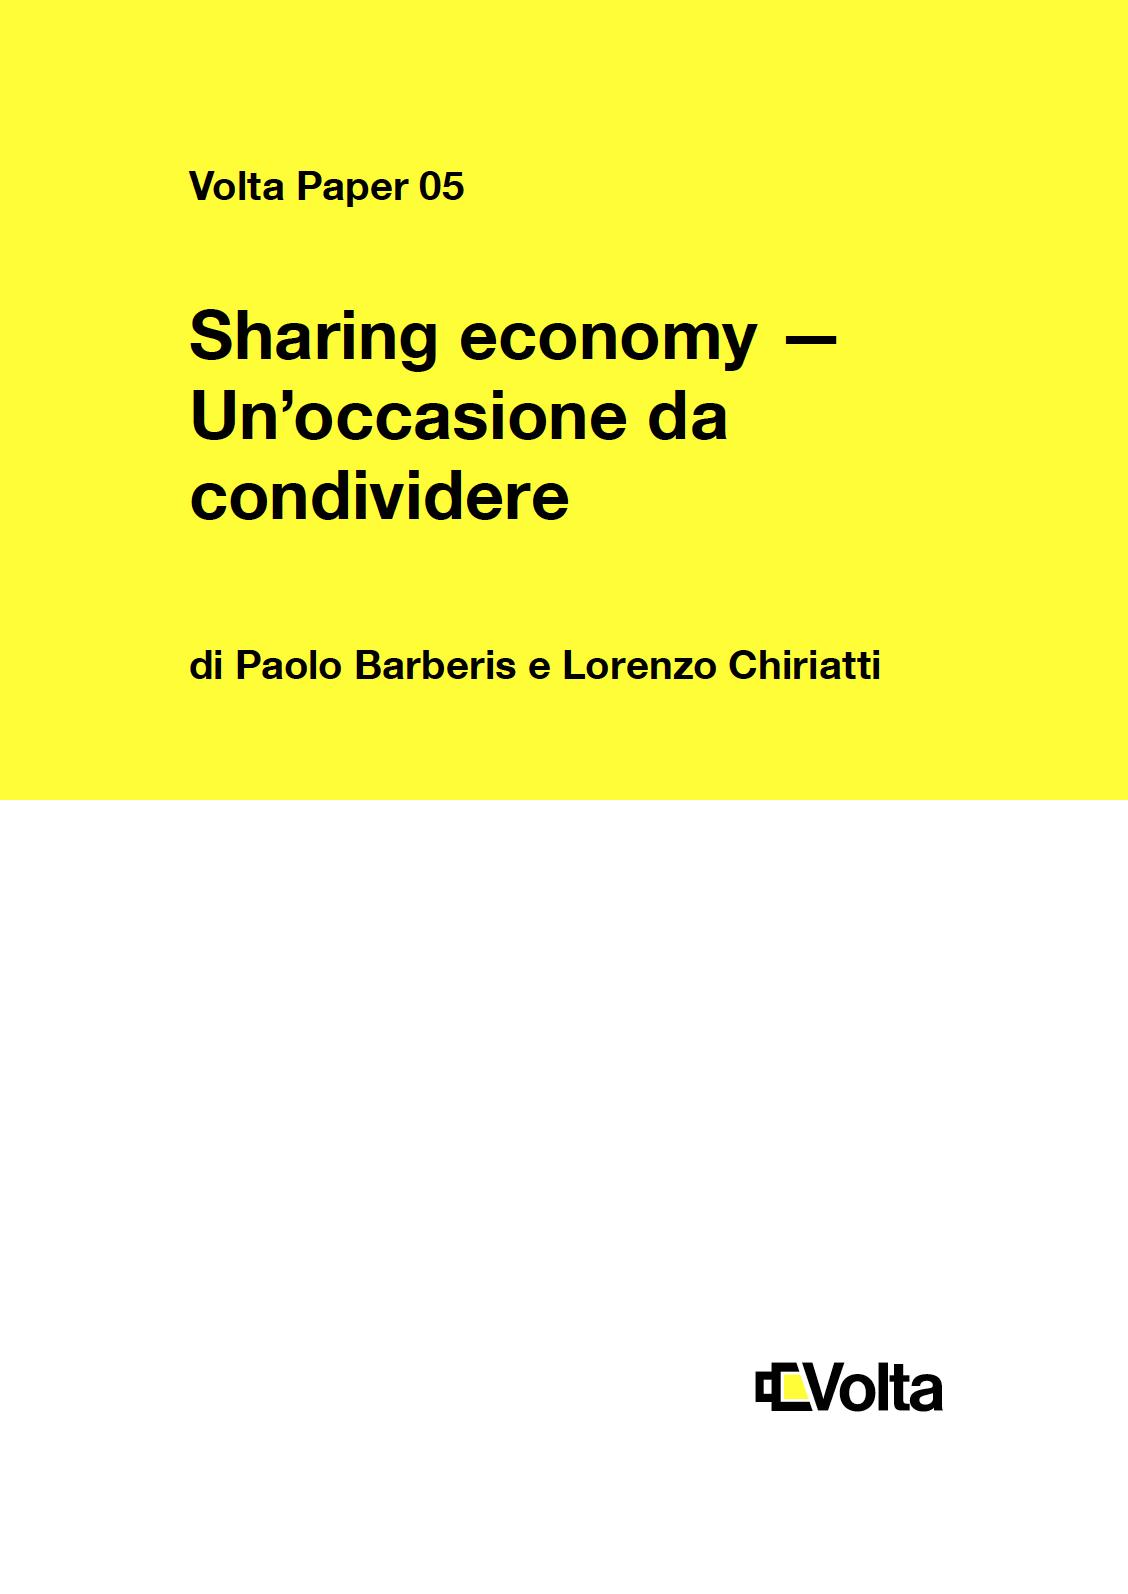 Sharing Economy / Un'occasione da condividere